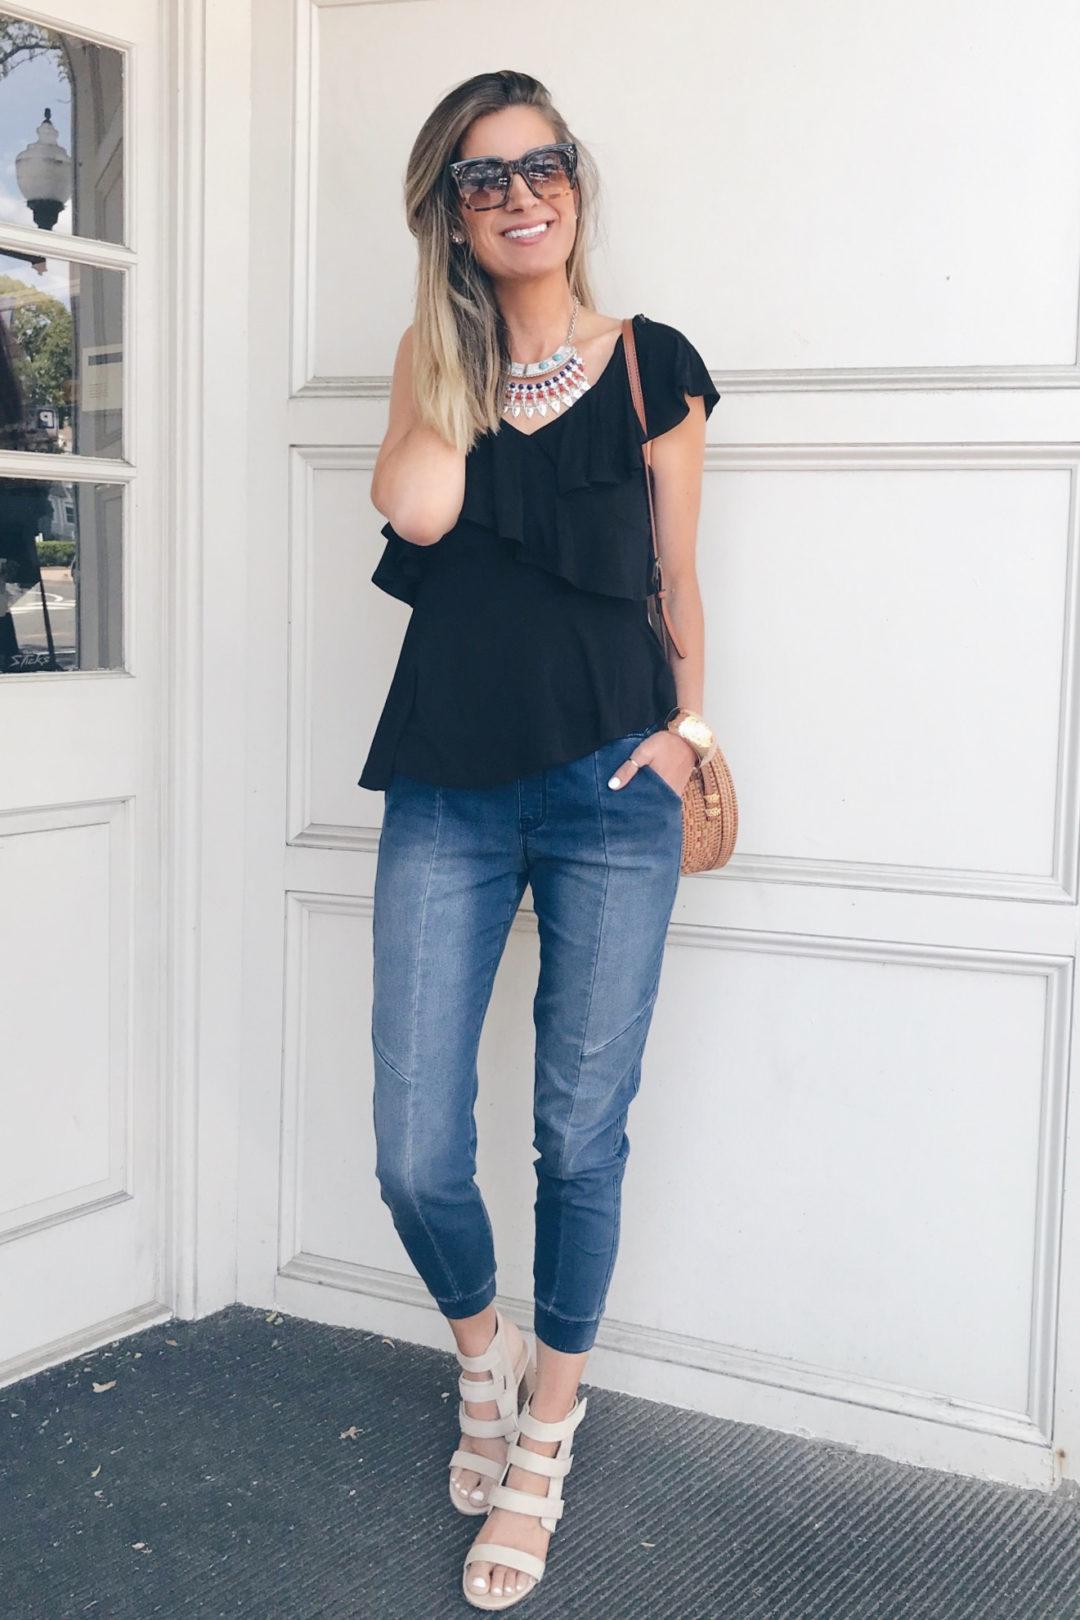 e4b52d24d92c Date Night Denim Joggers Outfit - Pinteresting Plans Connecticut Fashion  Blog